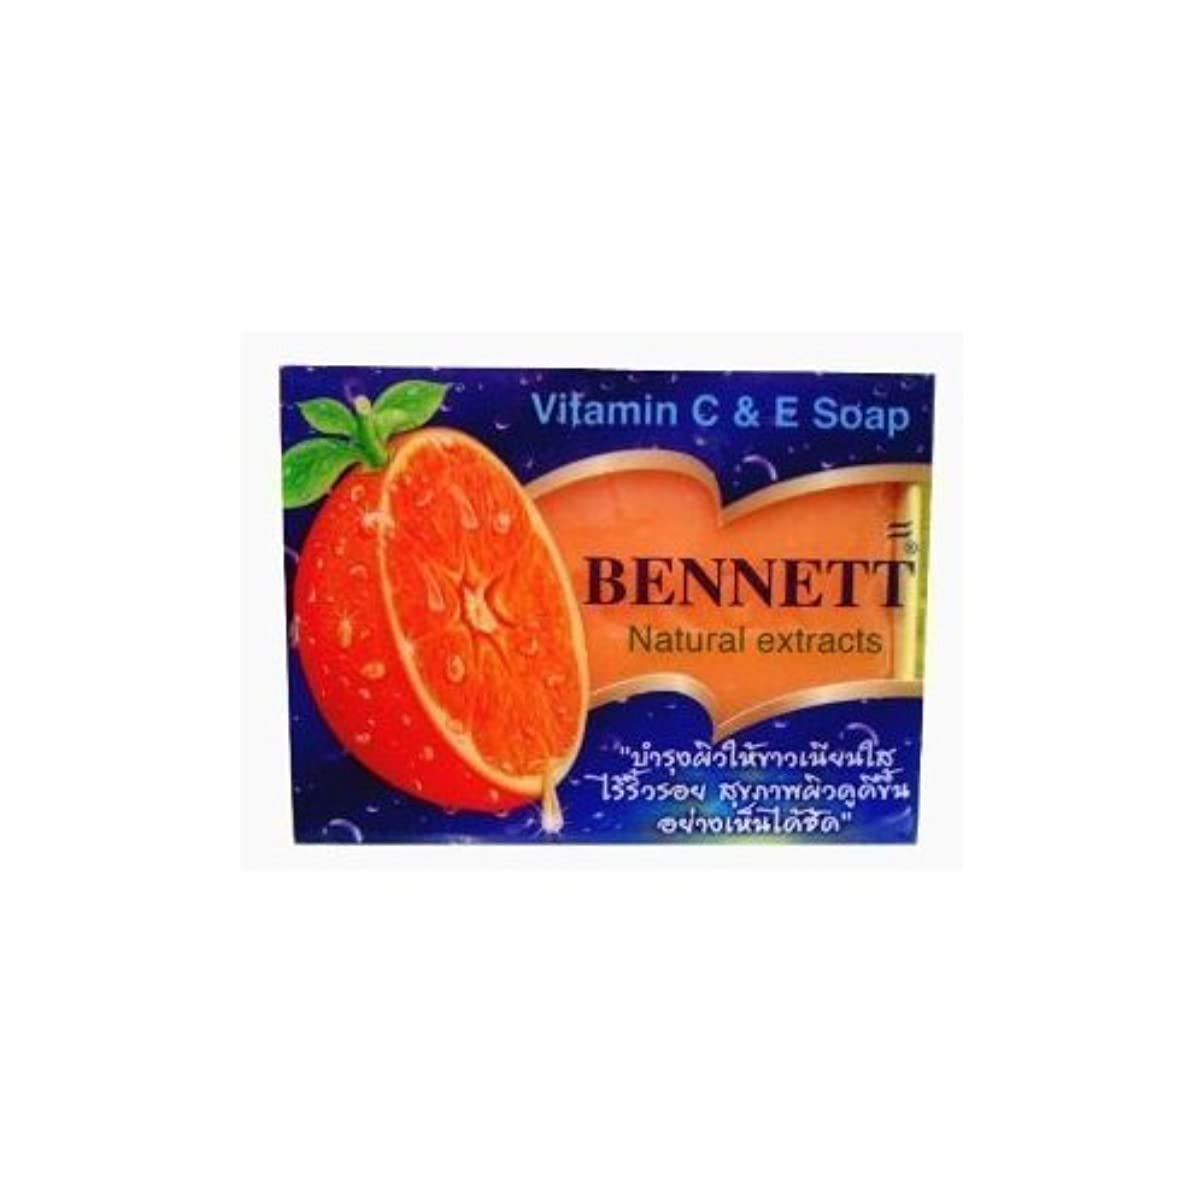 誇りに思う納屋便利さHigh Vitamin Fruit Extract Body and Face Bar Spa Soap 4.59 0z, Enriched Vitamin C & E Skin Smooth & Anti Acne...